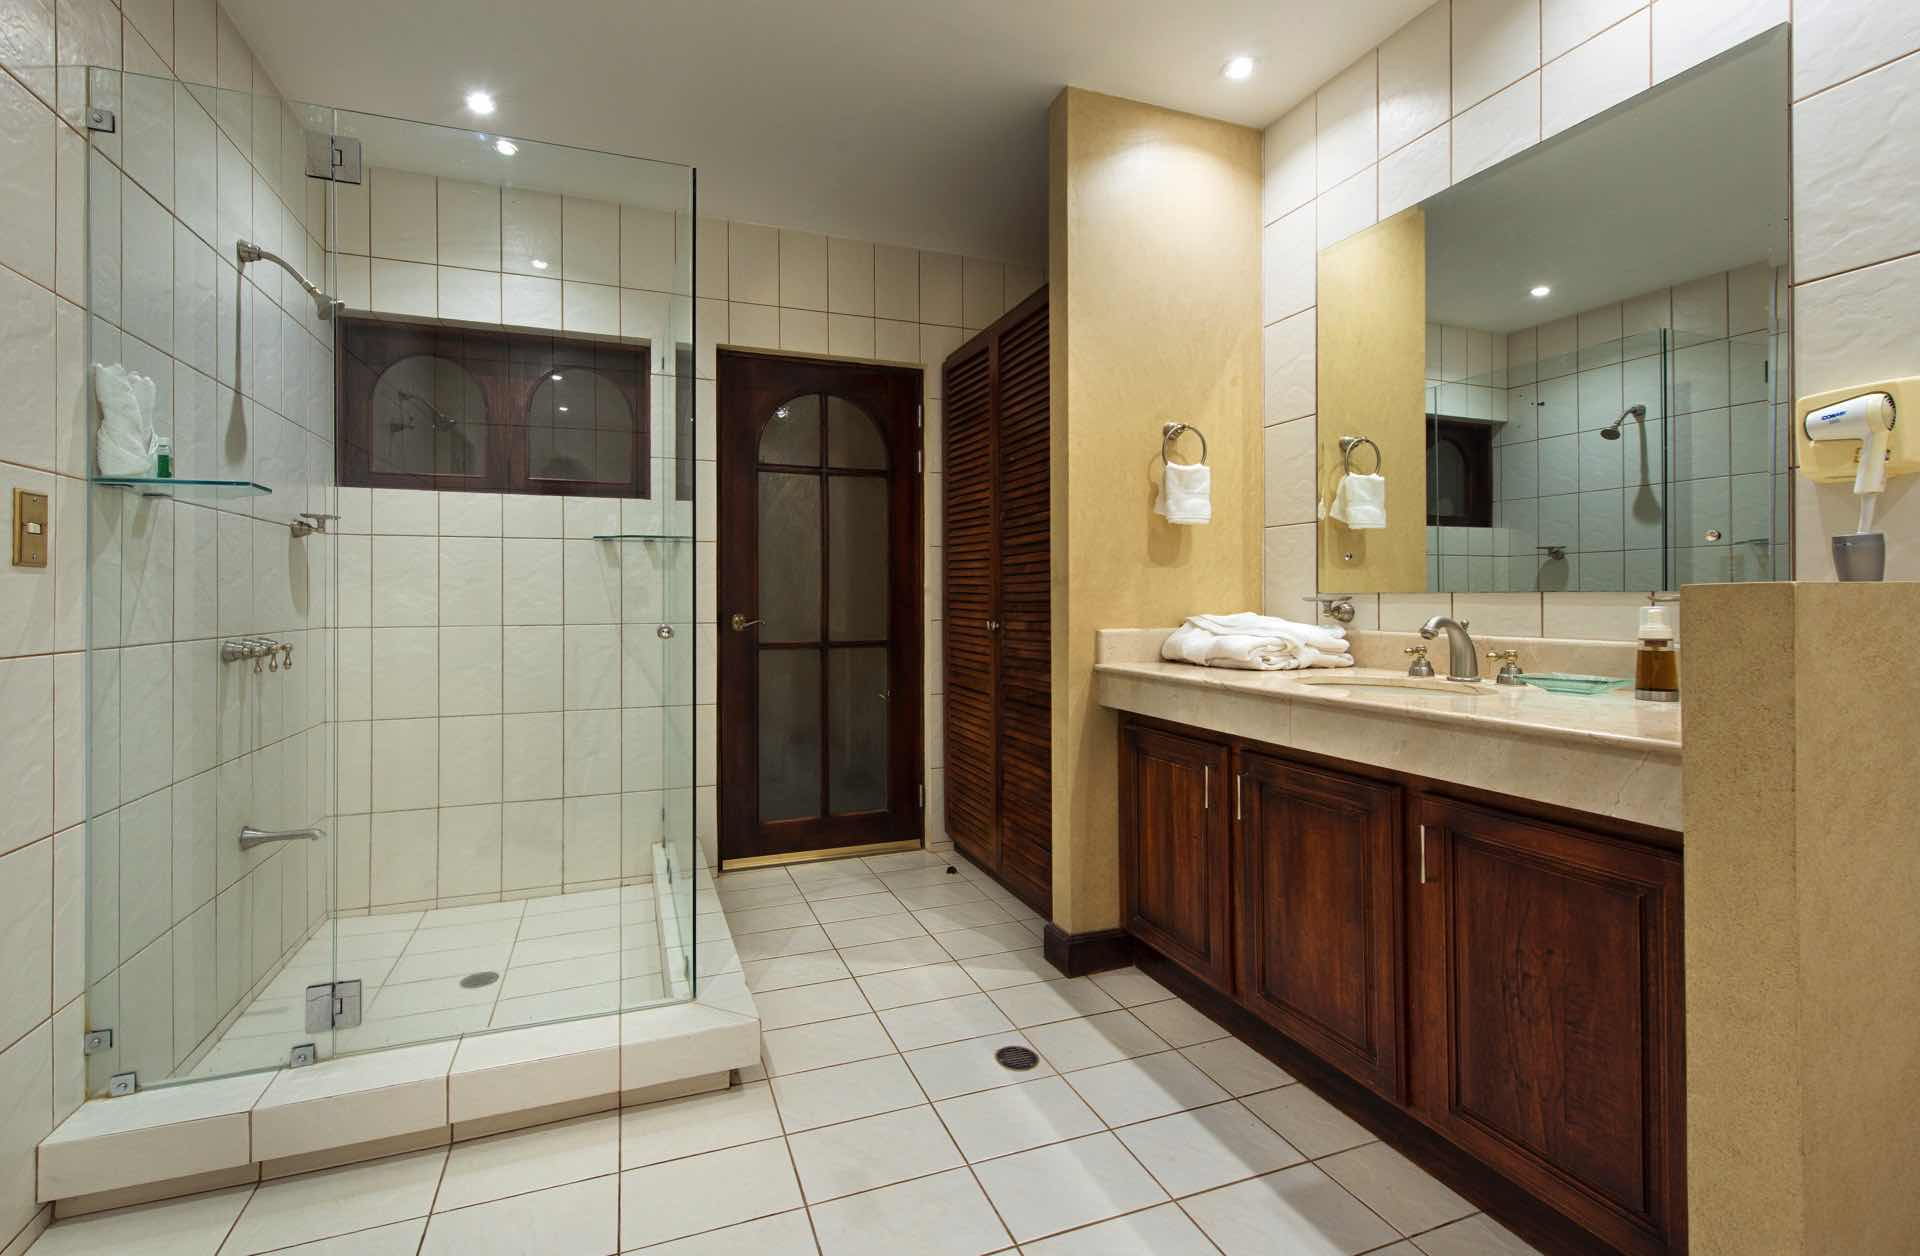 Bathroom rentals